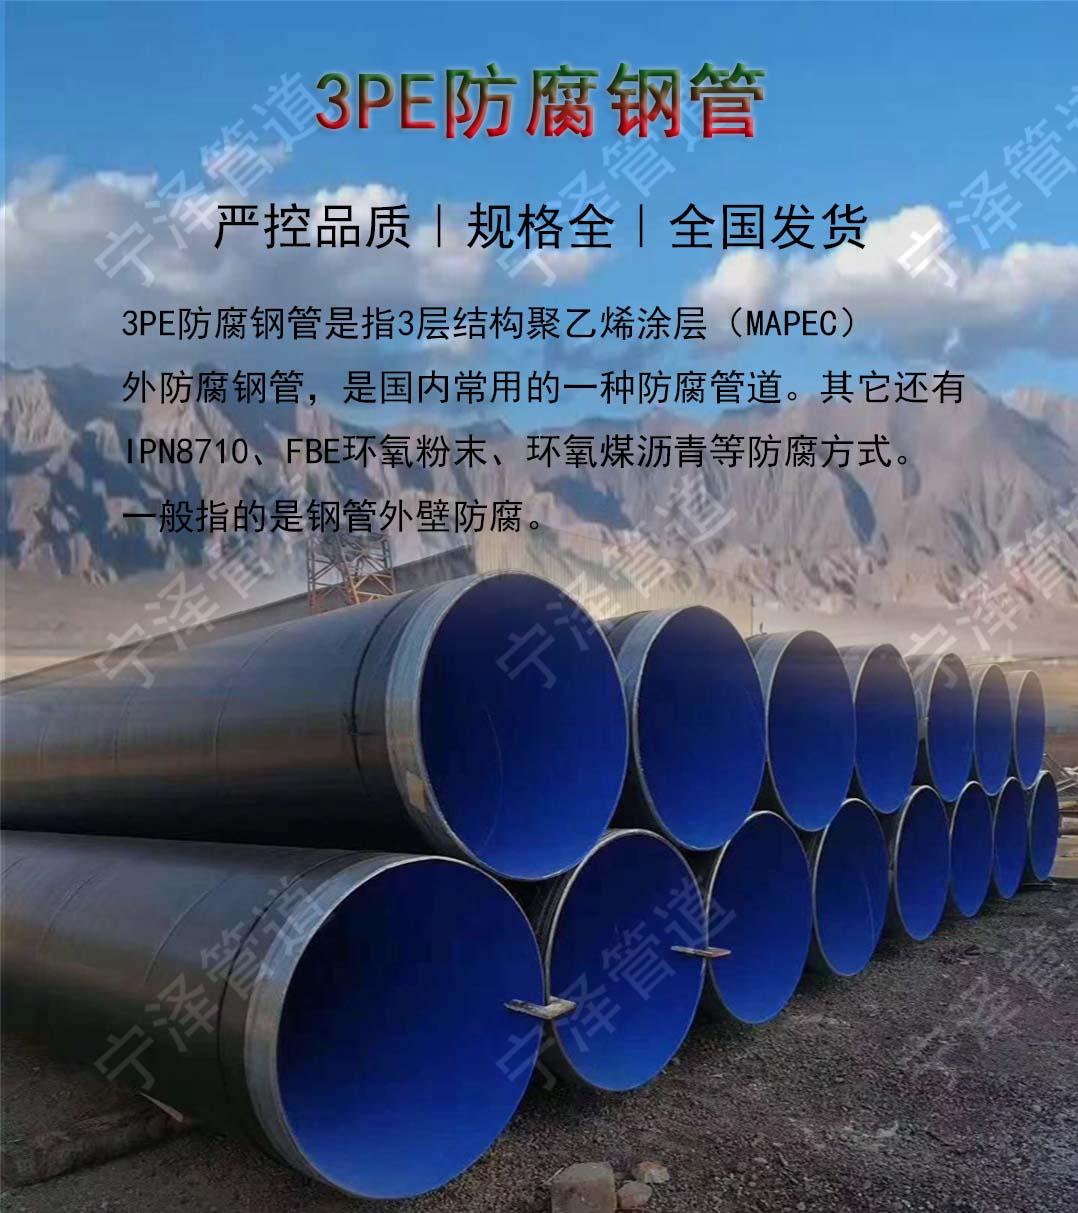 环江毛南族自治县供热用地埋保温钢管月度评述一秒前